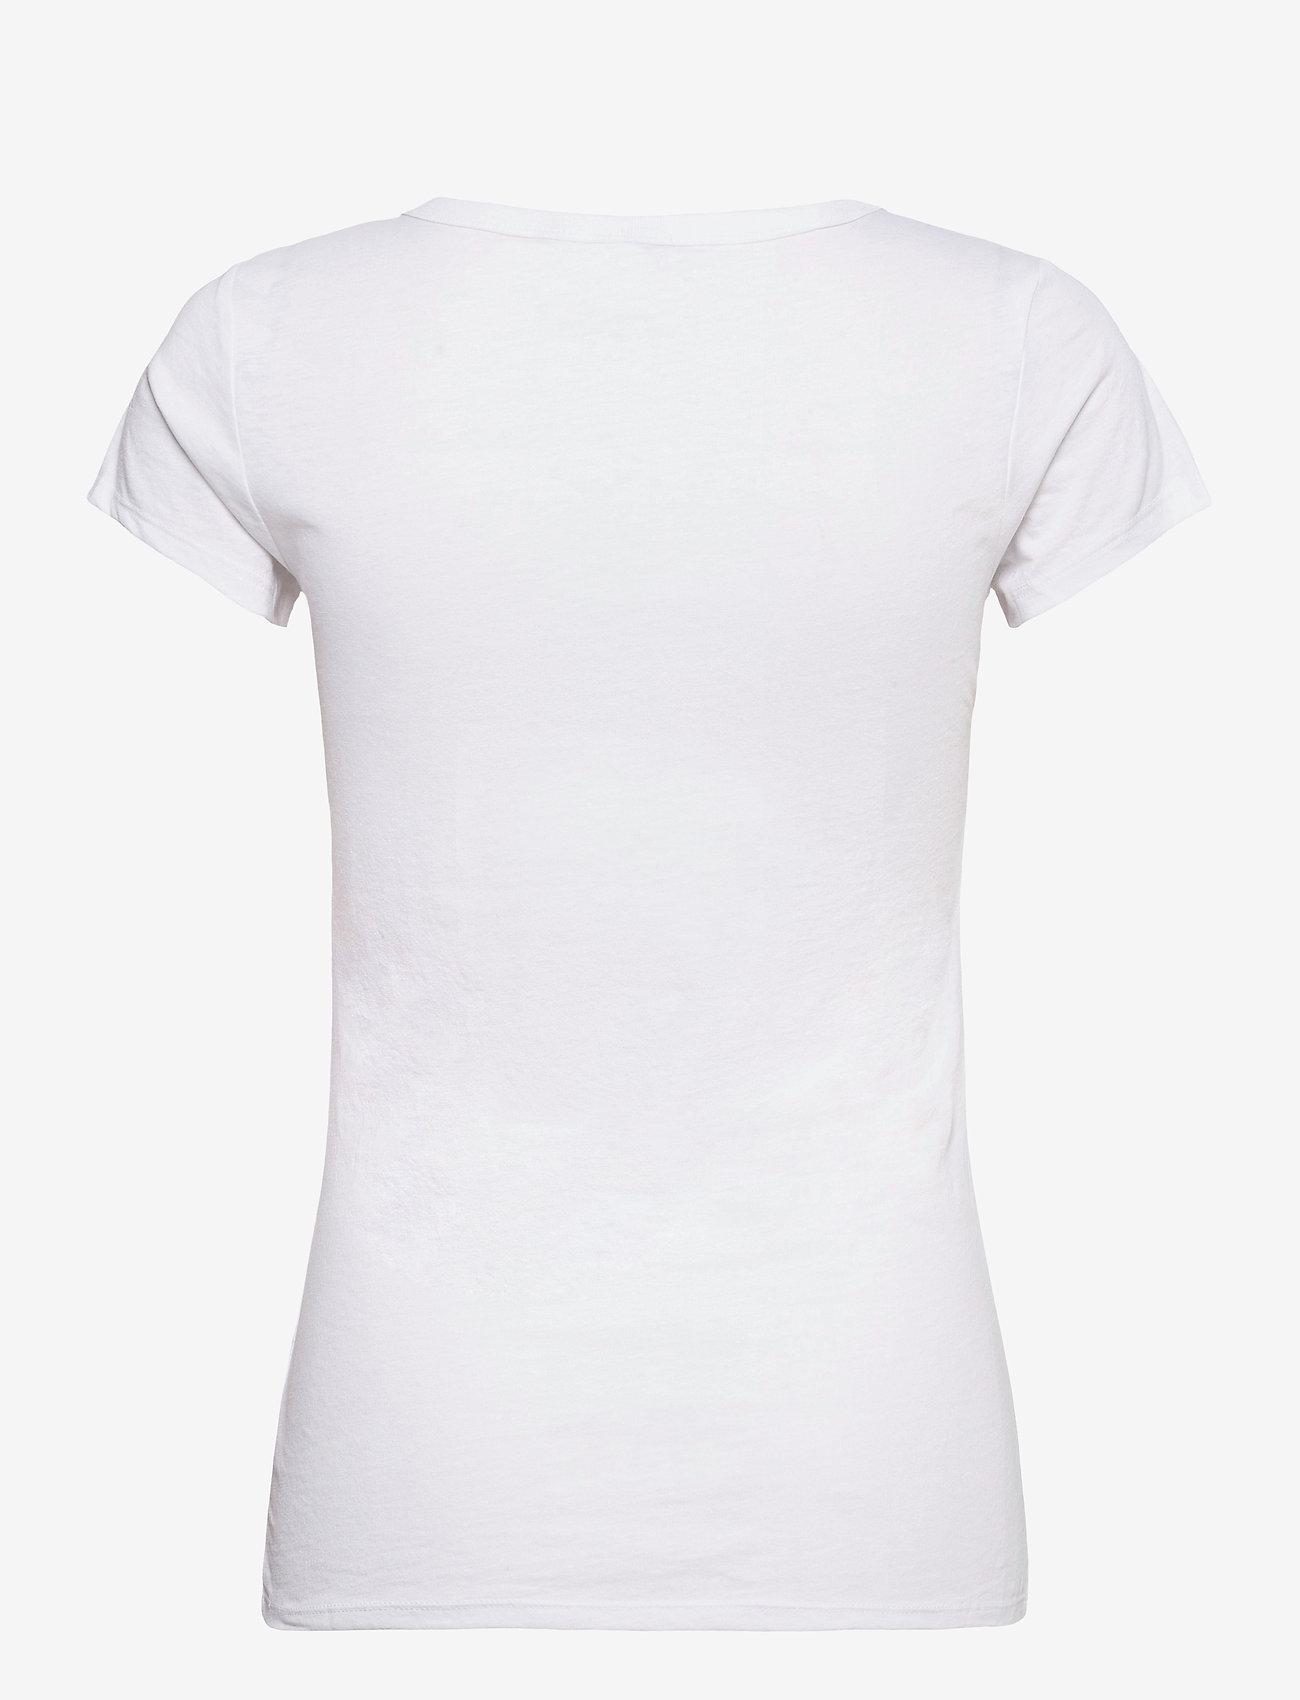 G-star RAW - Eyben slim r t wmn s\s - t-shirts - white - 1